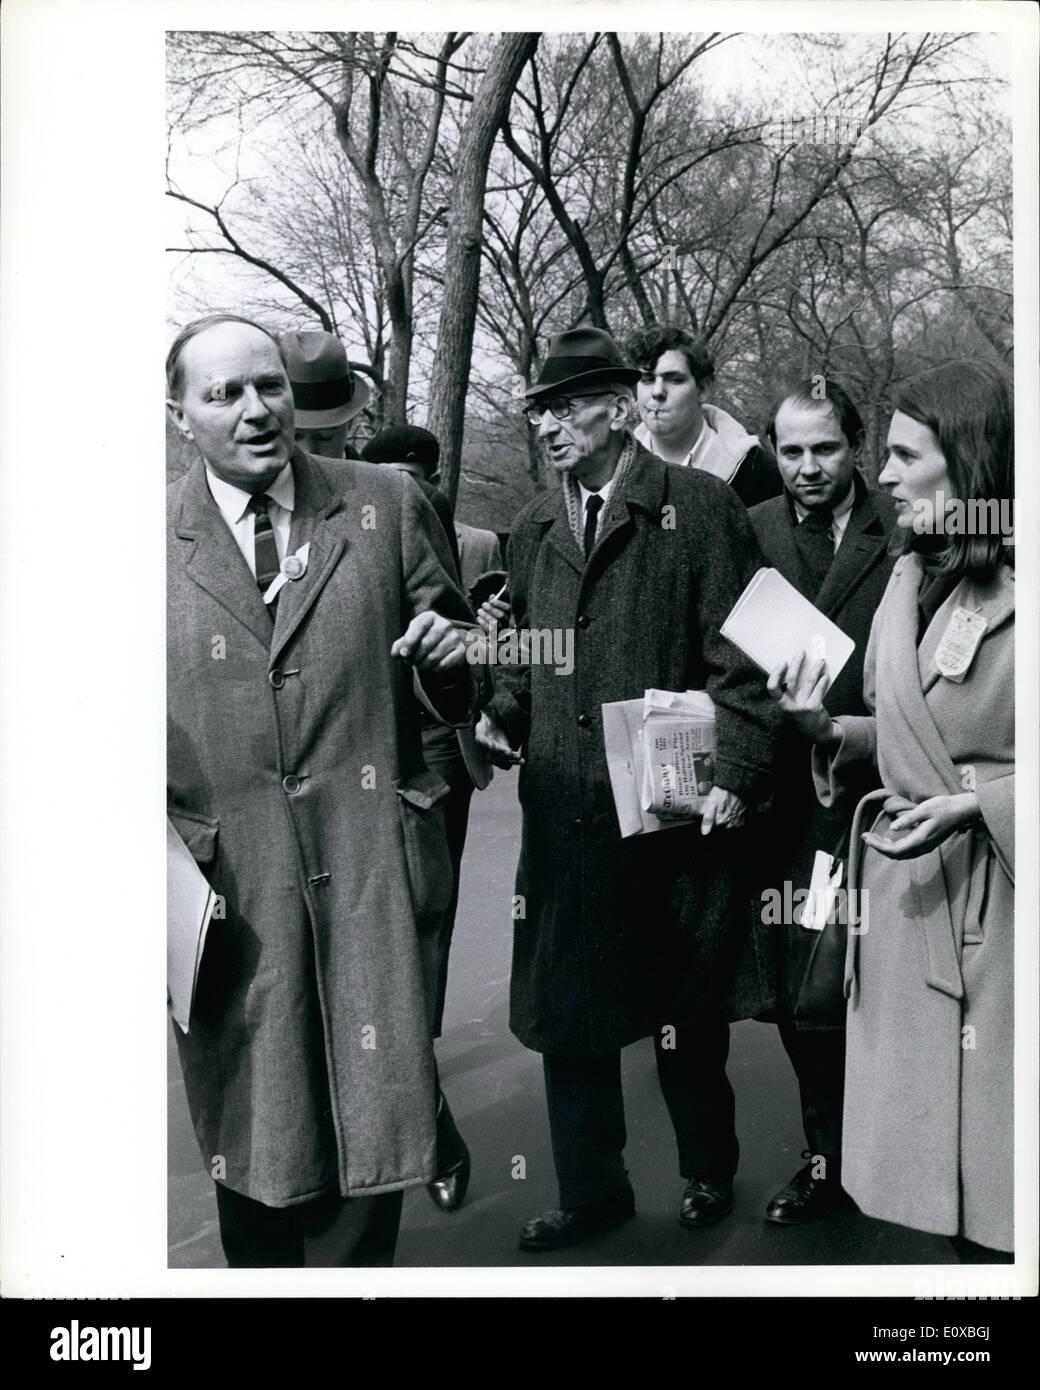 Mar 03, 1966 - Rev. A.J. Mustee 81 leader pacifista a Anti-Vietnam dimostrazione, New York 3/26/66 Immagini Stock